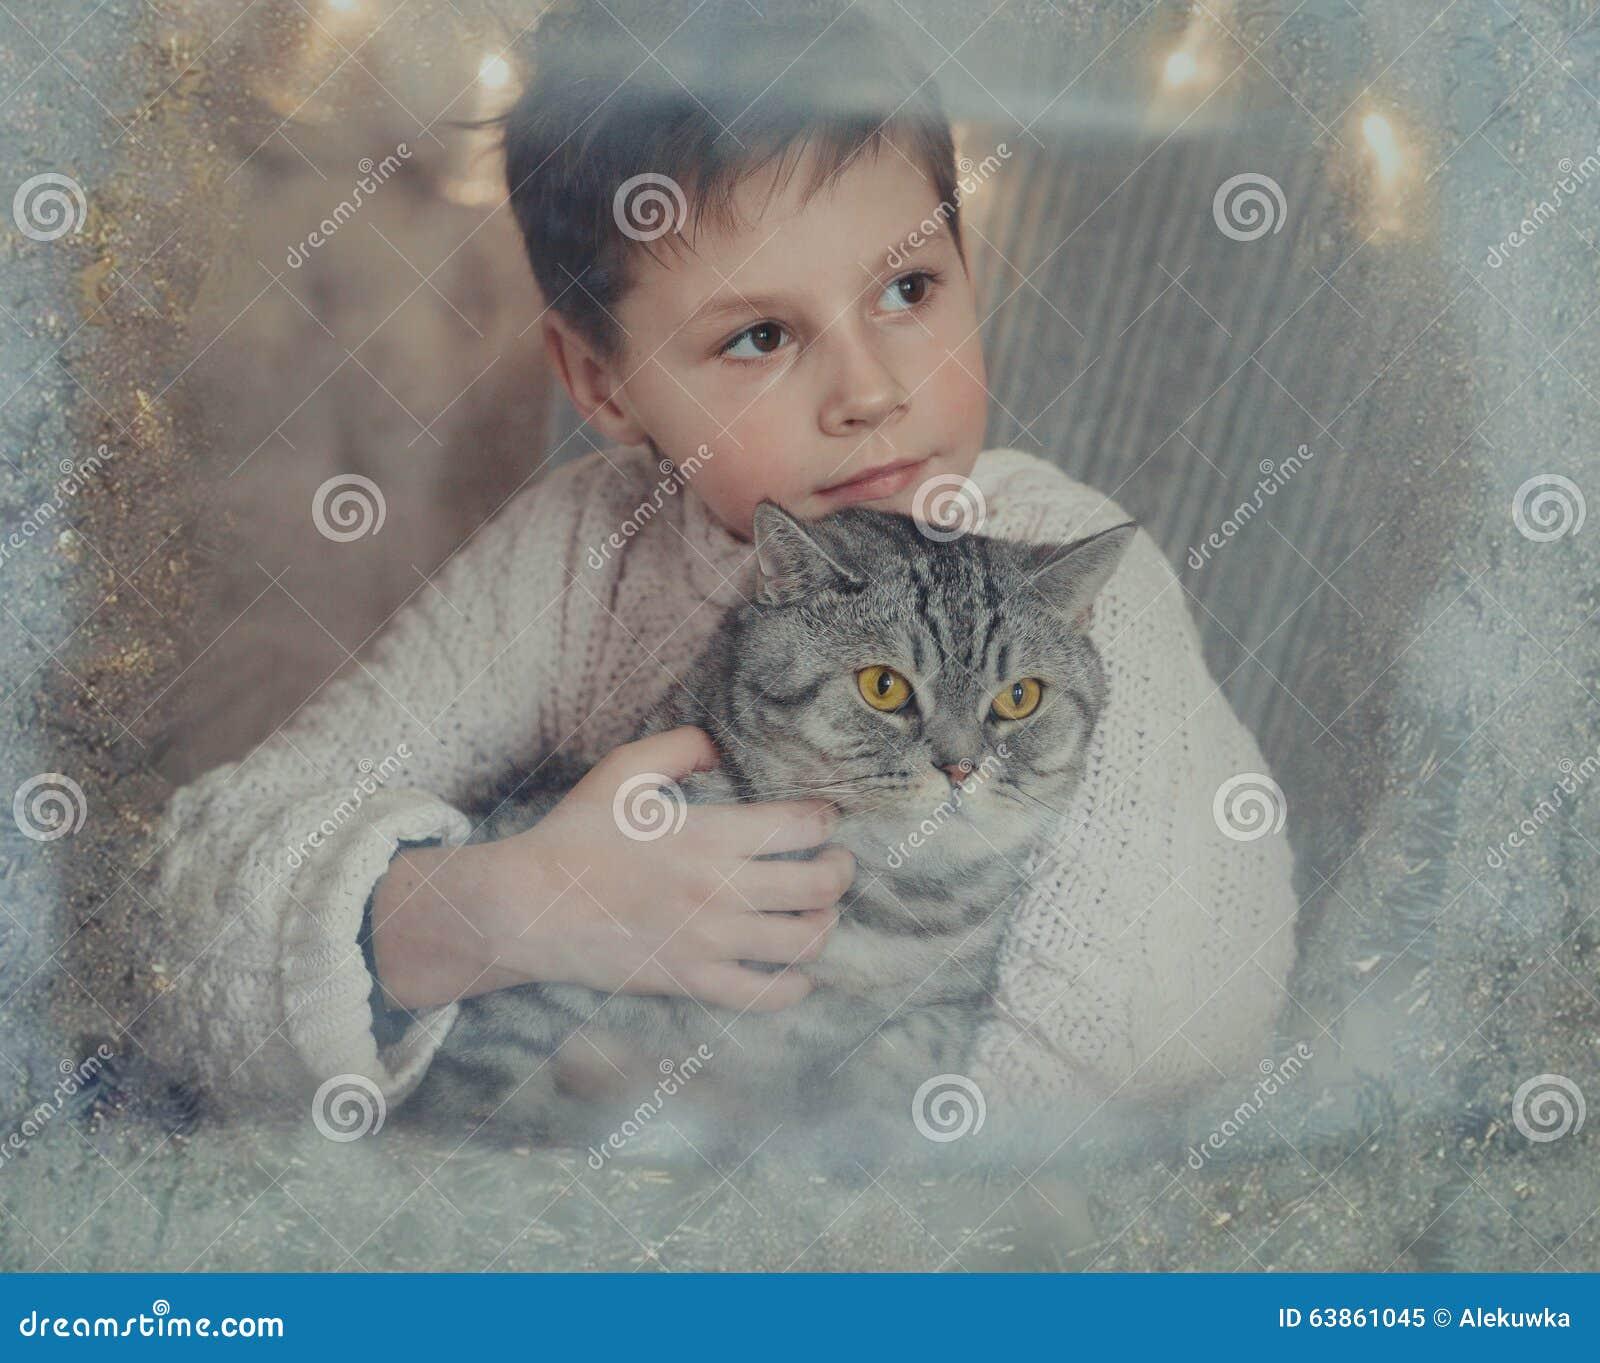 Картинки мальчик с котом